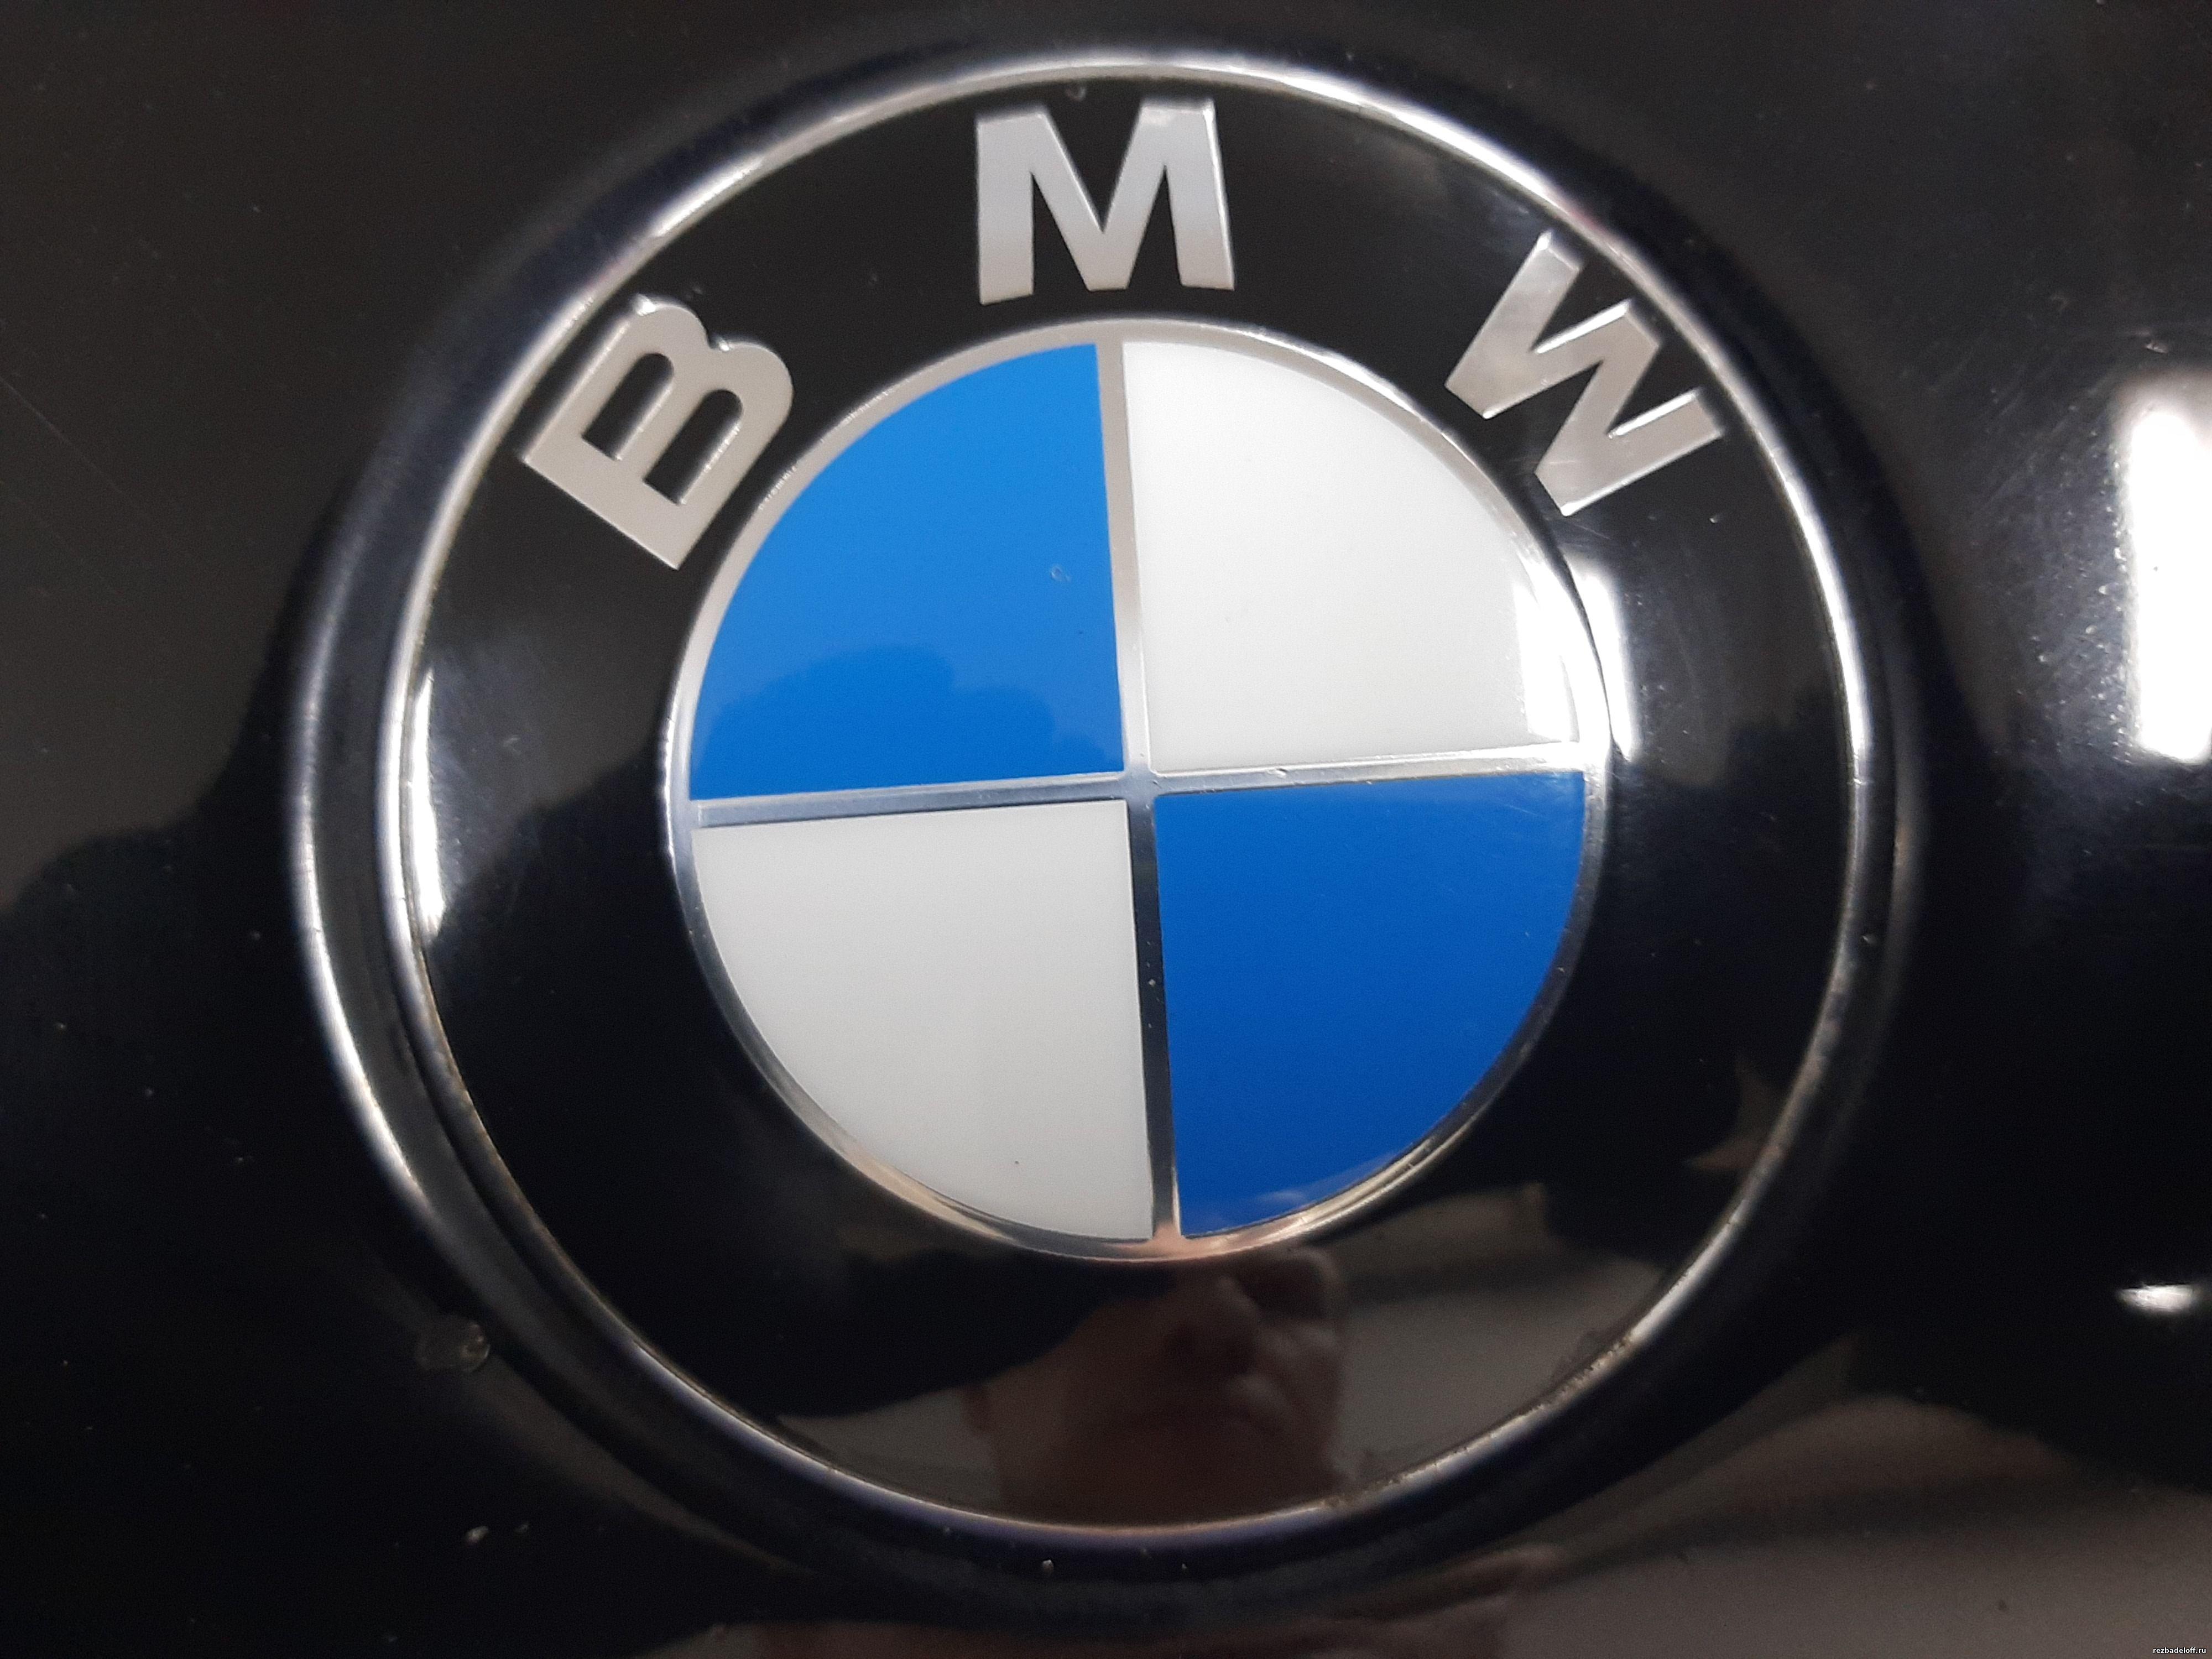 Автомобиль бмв х5 с проблемой по двигателю - вытекает антифриз и отсутствует крепление резьбы у блока